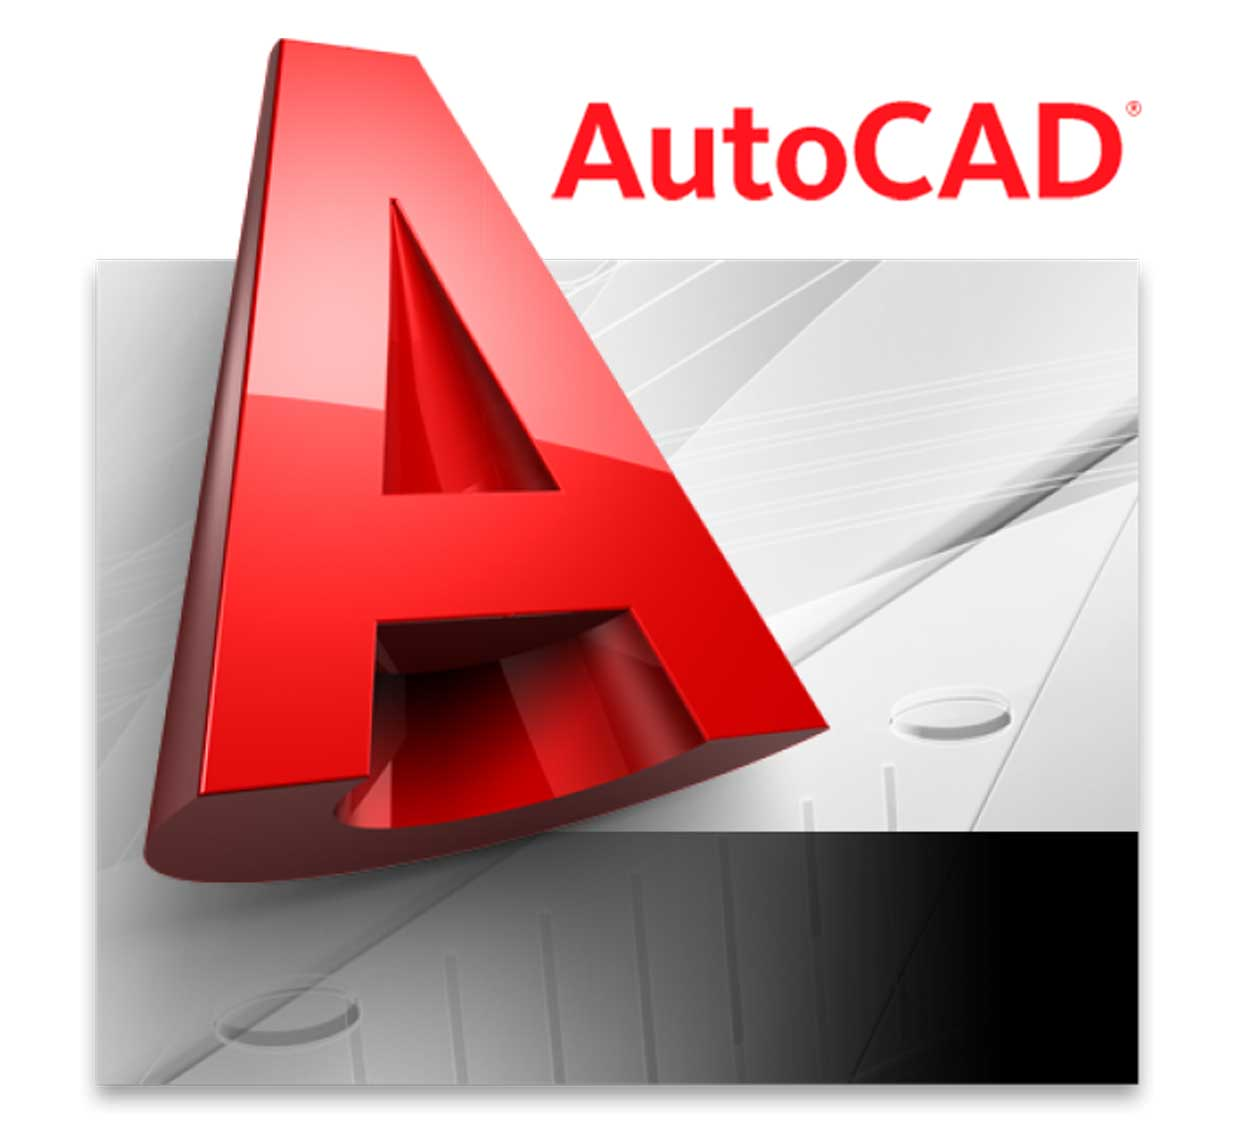 Mühendislerin Ortak Tasarım Dili u0027AUTOCADu0027 - Logo Autocad PNG